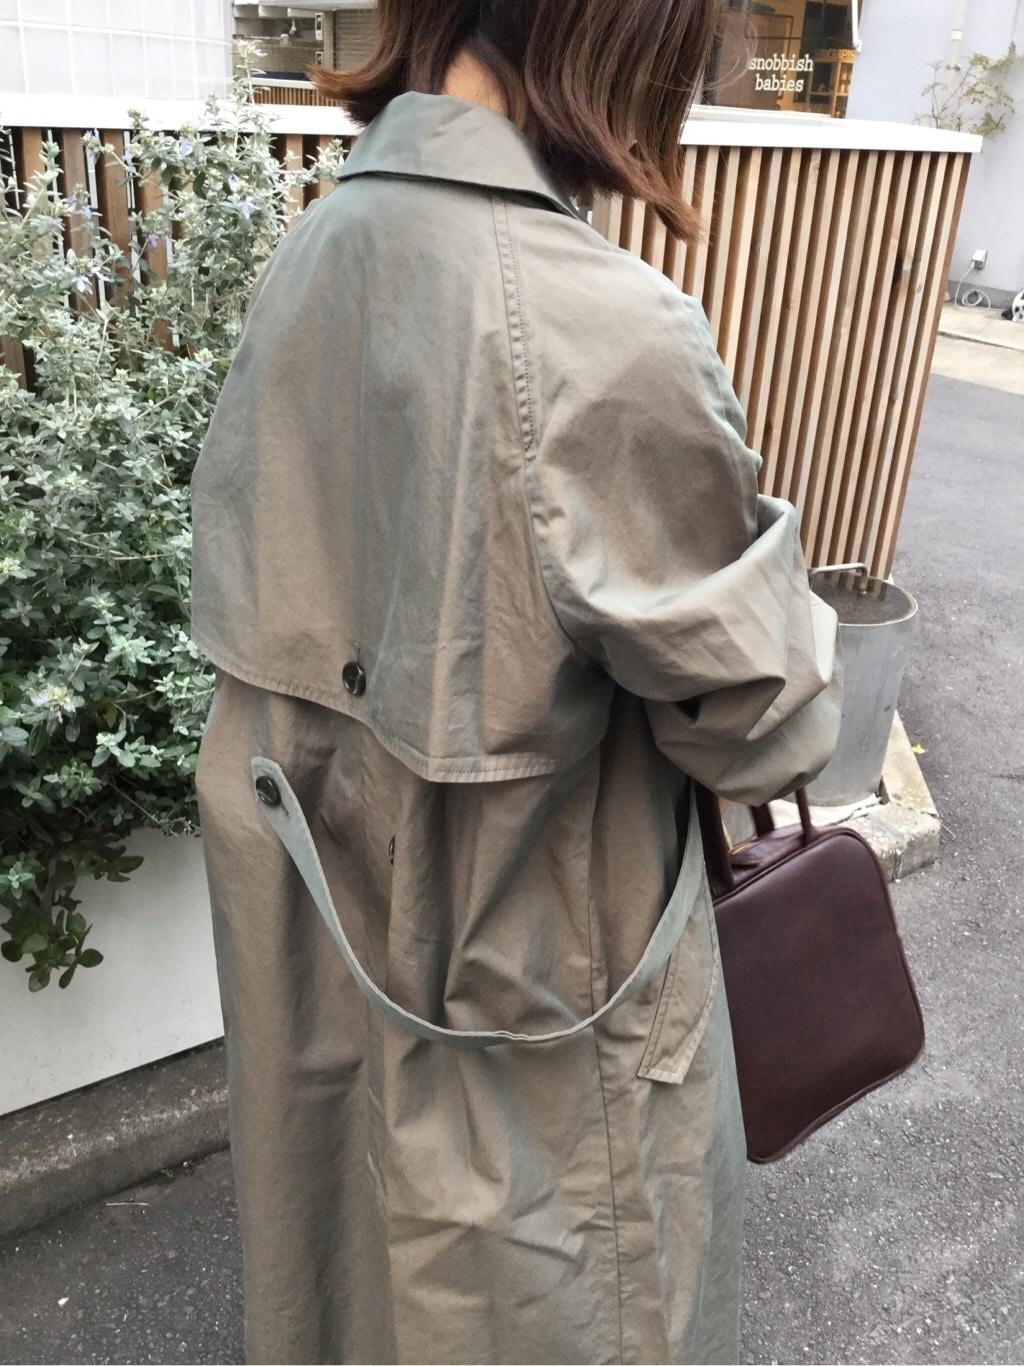 l'atelier du savon 代官山路面 身長:150cm 2020.03.31